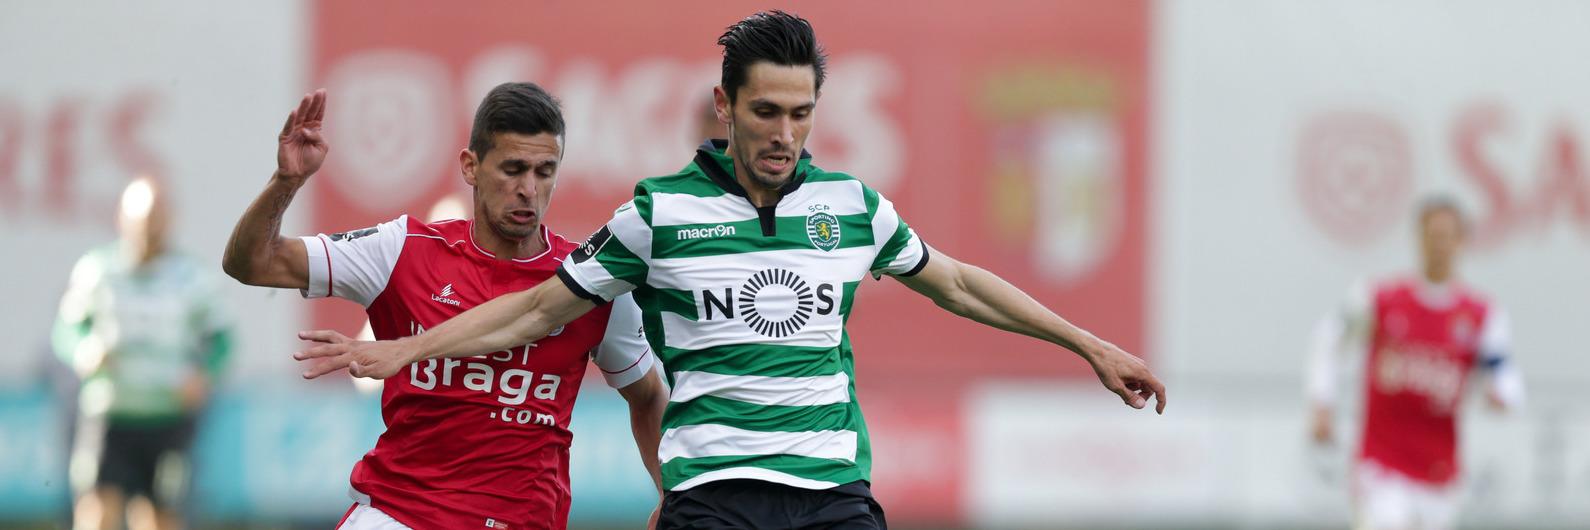 SC Braga 2-2 Sporting: Rui Fonte empata a partida